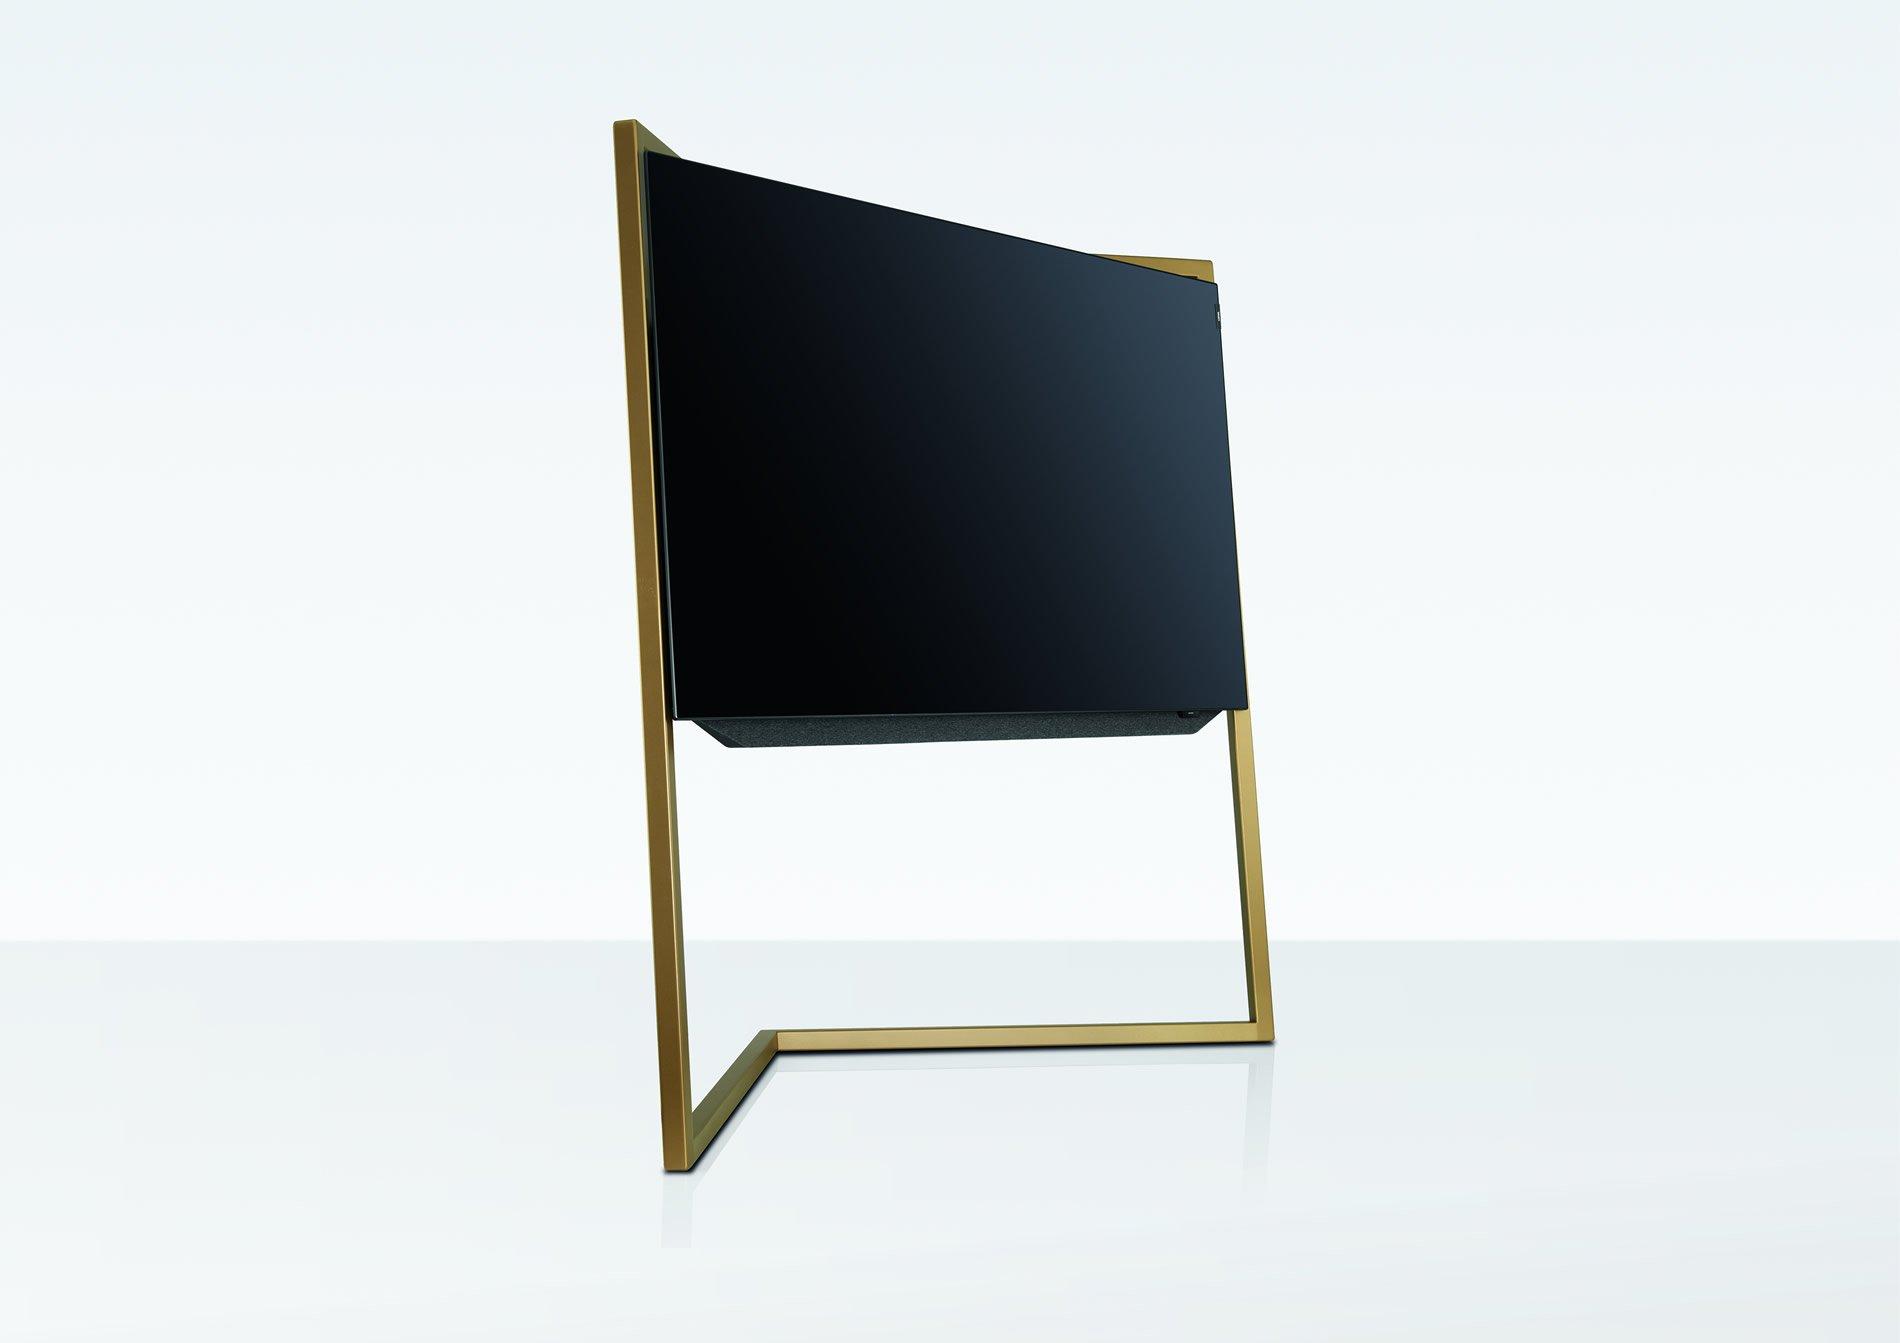 loewe bild 9 oled med fokus p anderledes design digitalt tv. Black Bedroom Furniture Sets. Home Design Ideas